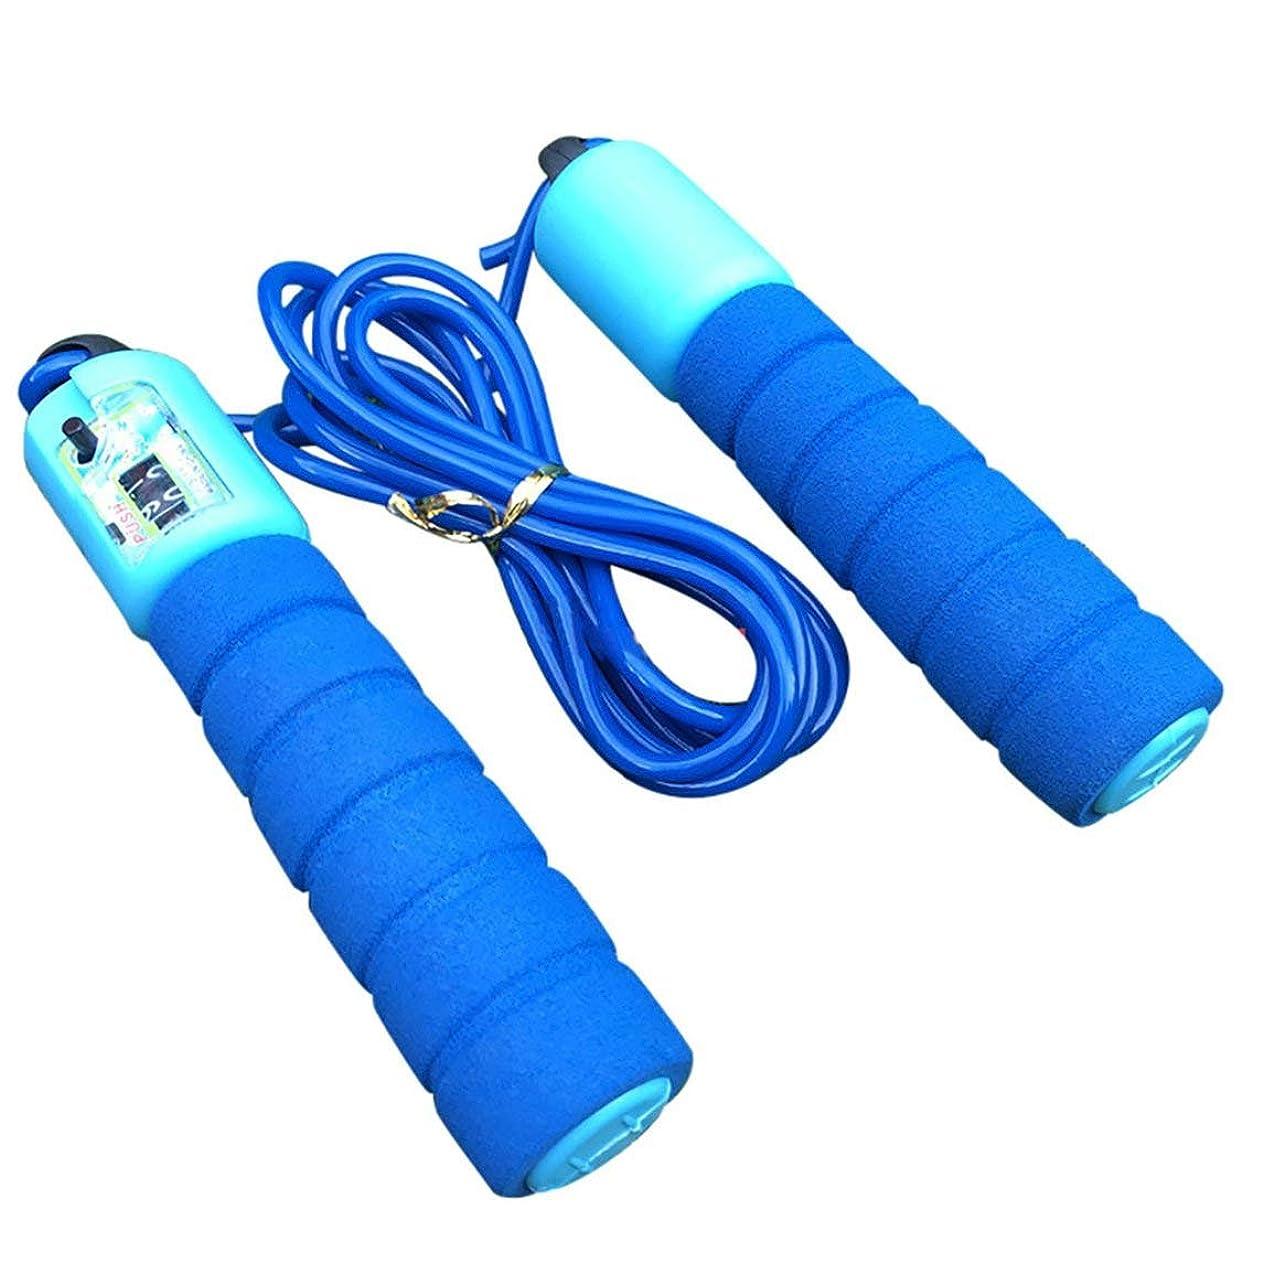 眉をひそめる独特のどのくらいの頻度で調整可能なプロフェッショナルカウント縄跳び自動カウントジャンプロープフィットネス運動高速カウントジャンプロープ - 青